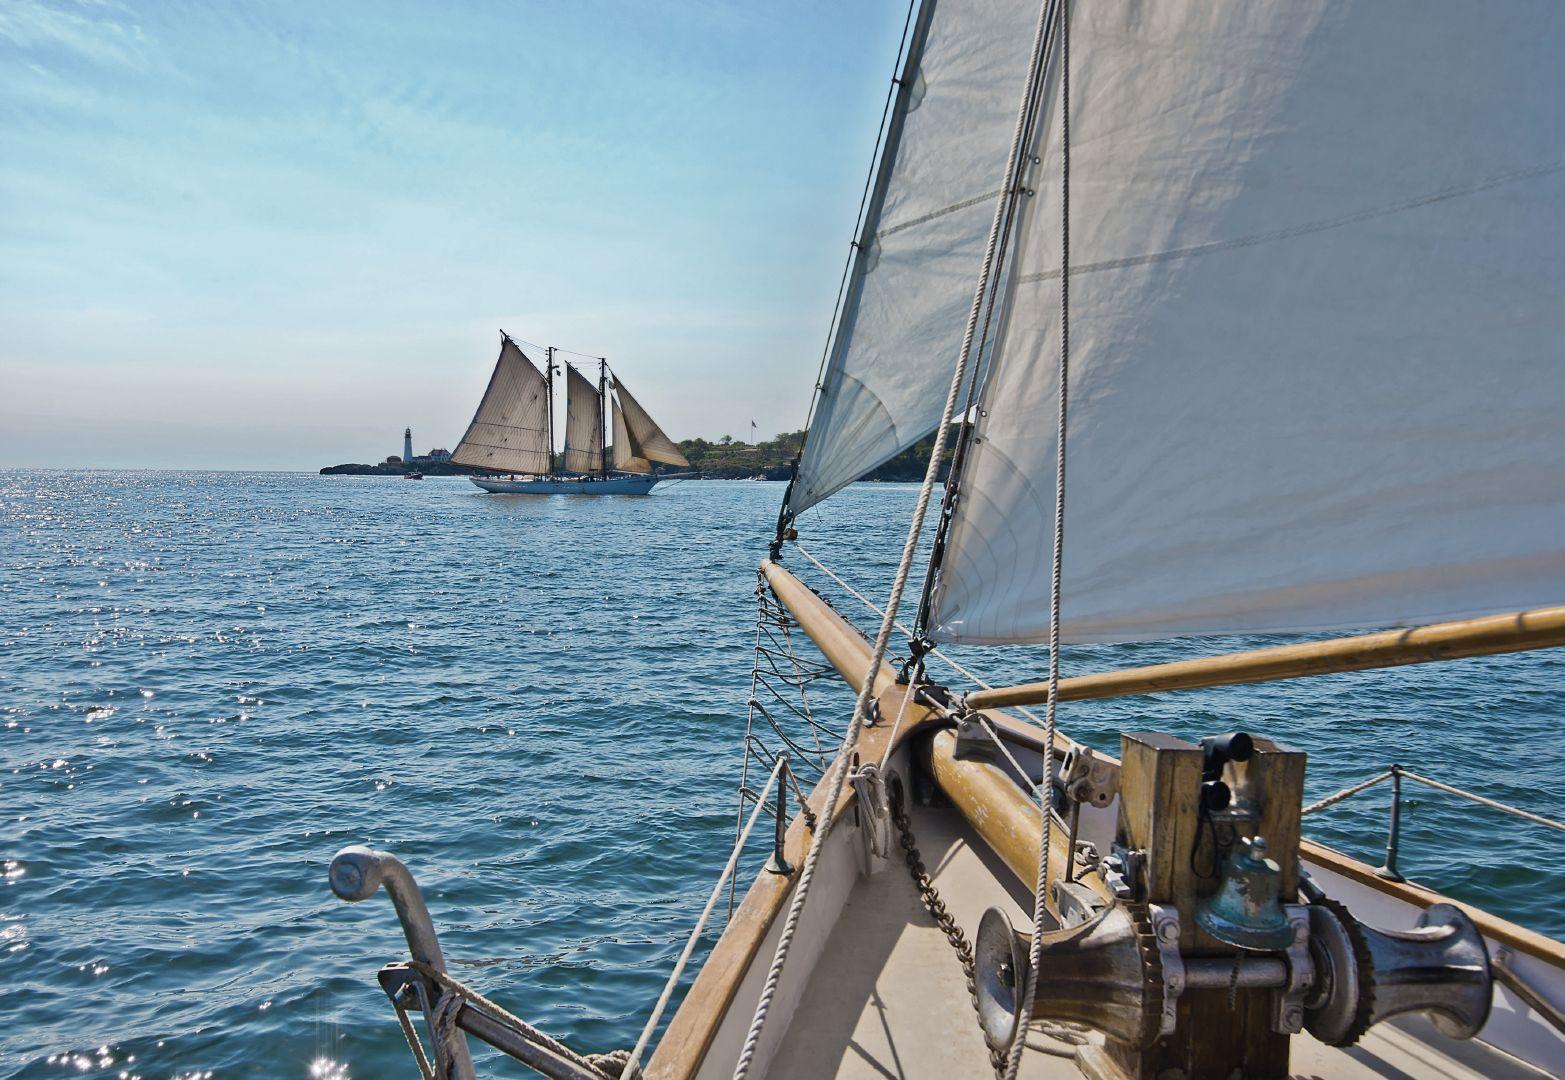 Fototapeta na zeď Sailin 8-526 (8-dílná fototapeta)